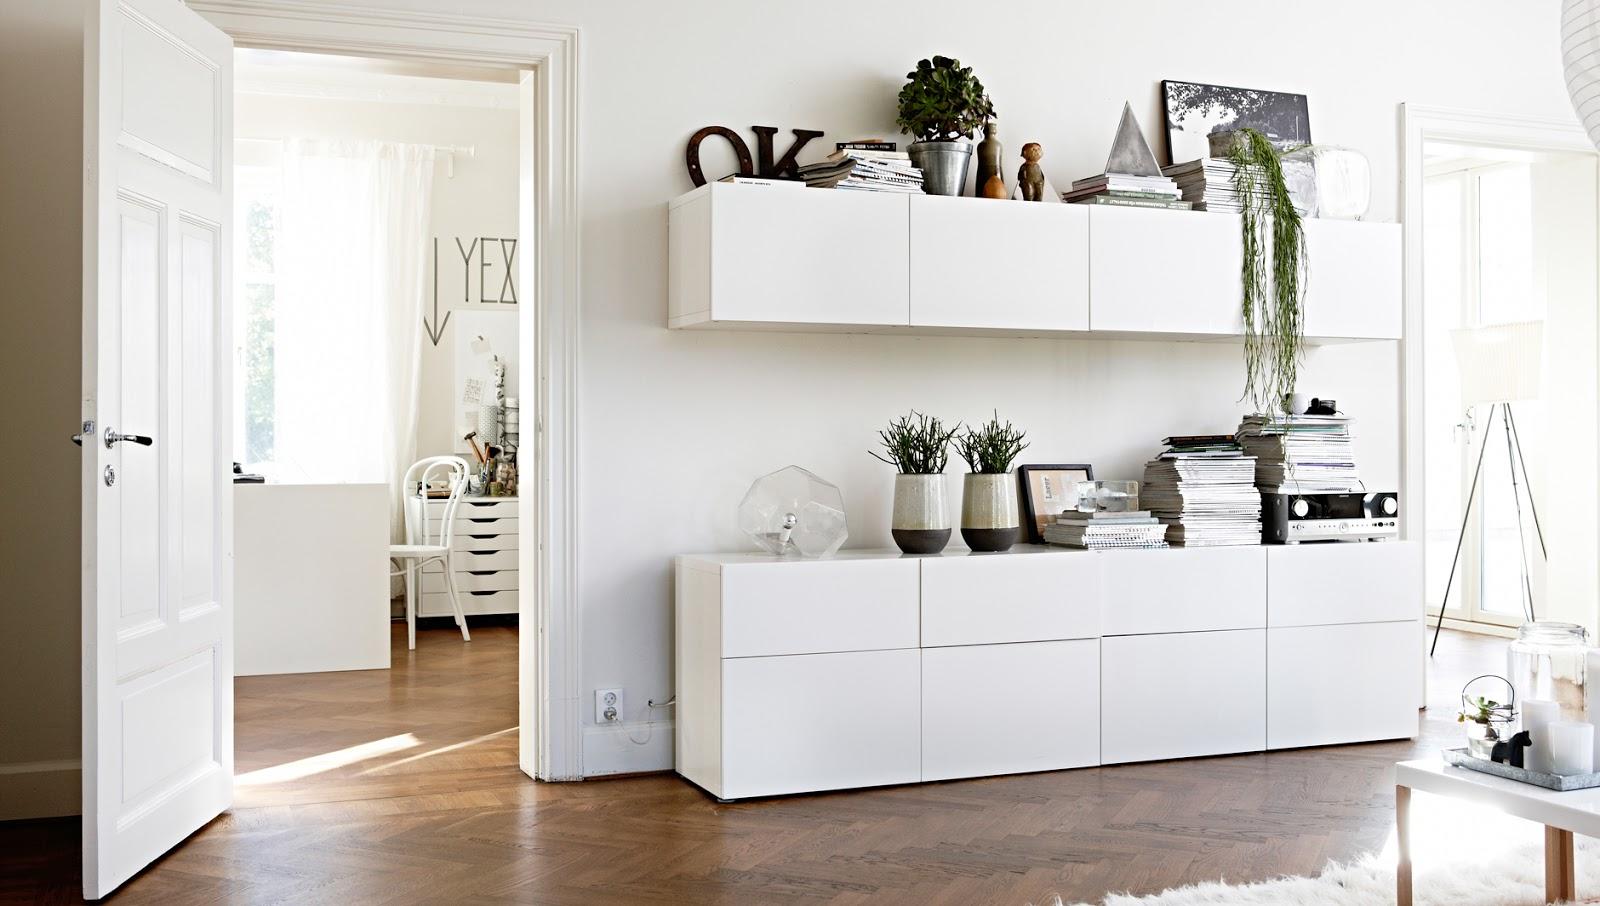 k r i s p i n t e r i r july 2013. Black Bedroom Furniture Sets. Home Design Ideas